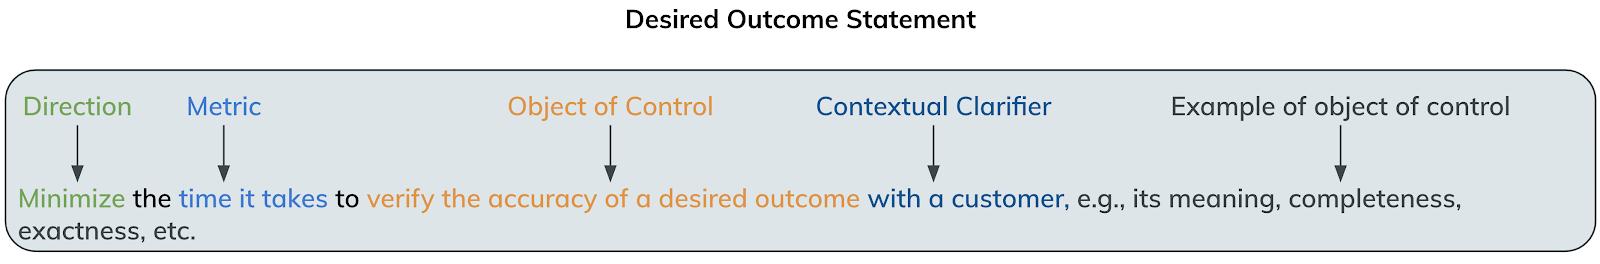 Figure 21: Desired Outcome Statement